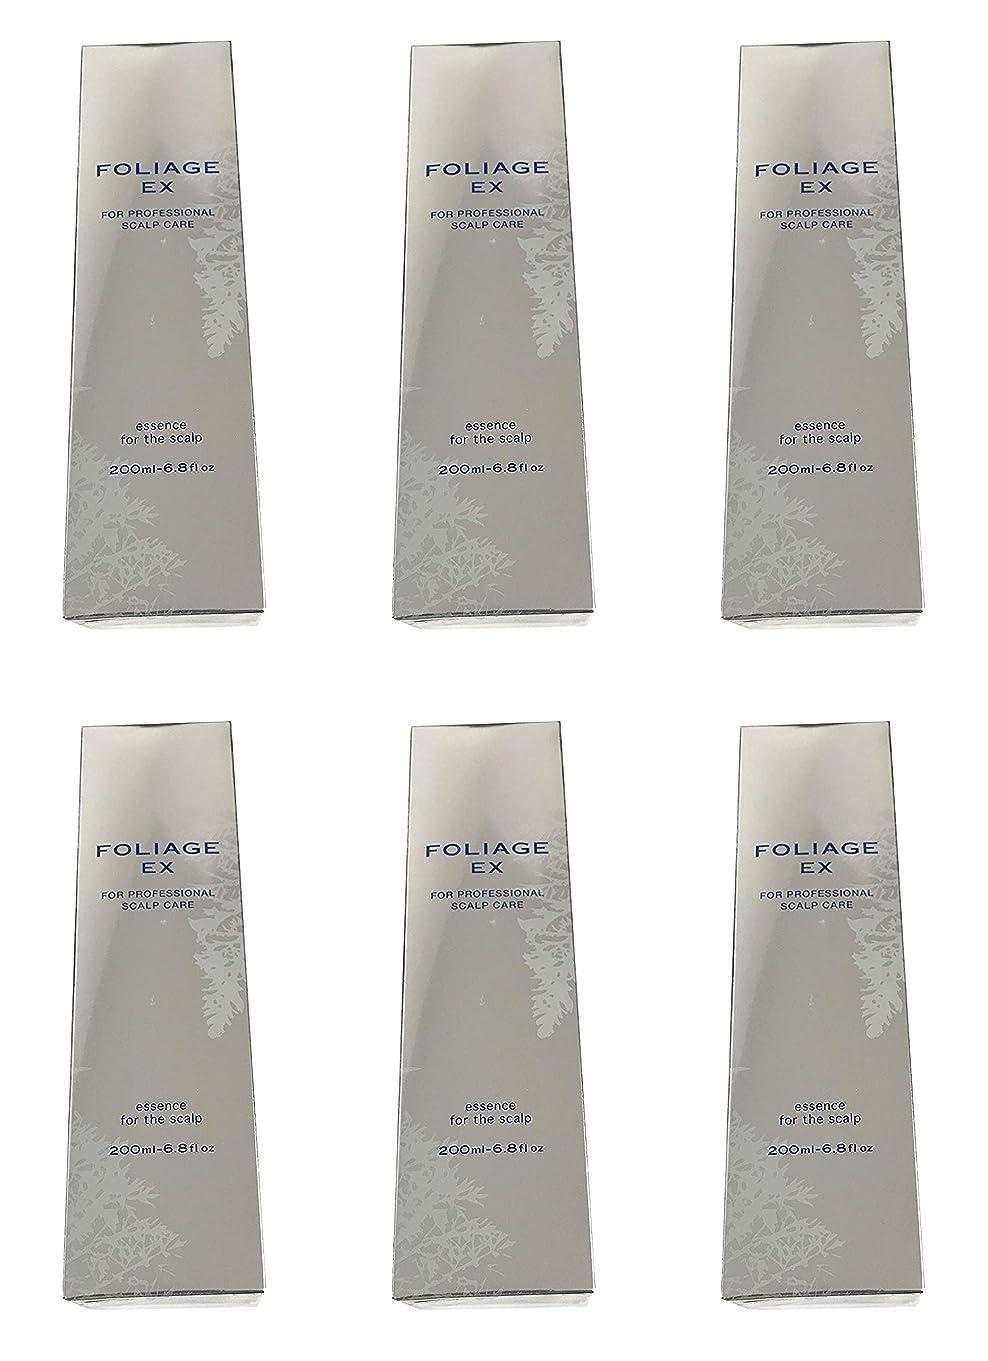 多様なゴネリル手段中野製薬 フォリッジ スキャルプエッセンス EX-BL 200ml [医薬部外品]×6本セット